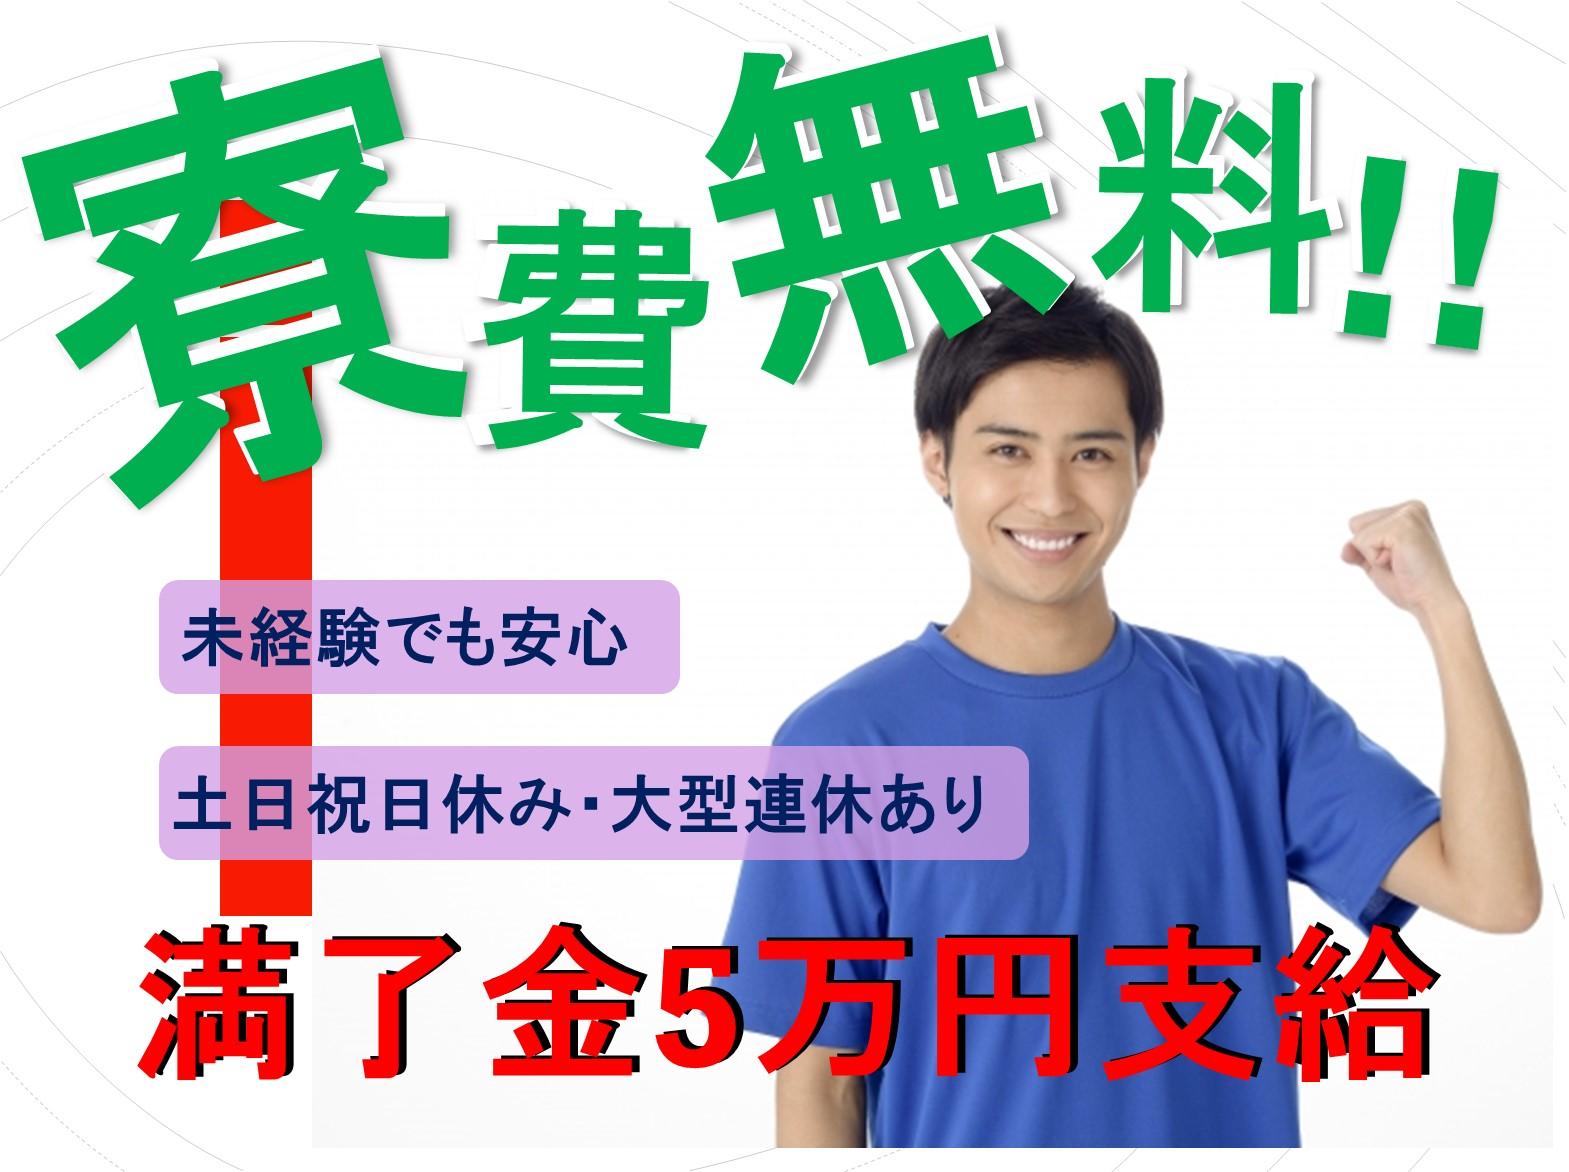 満了金5万円支給!寮費無料!産業用機械、設備の製造にかかわる業務(茨城県) イメージ